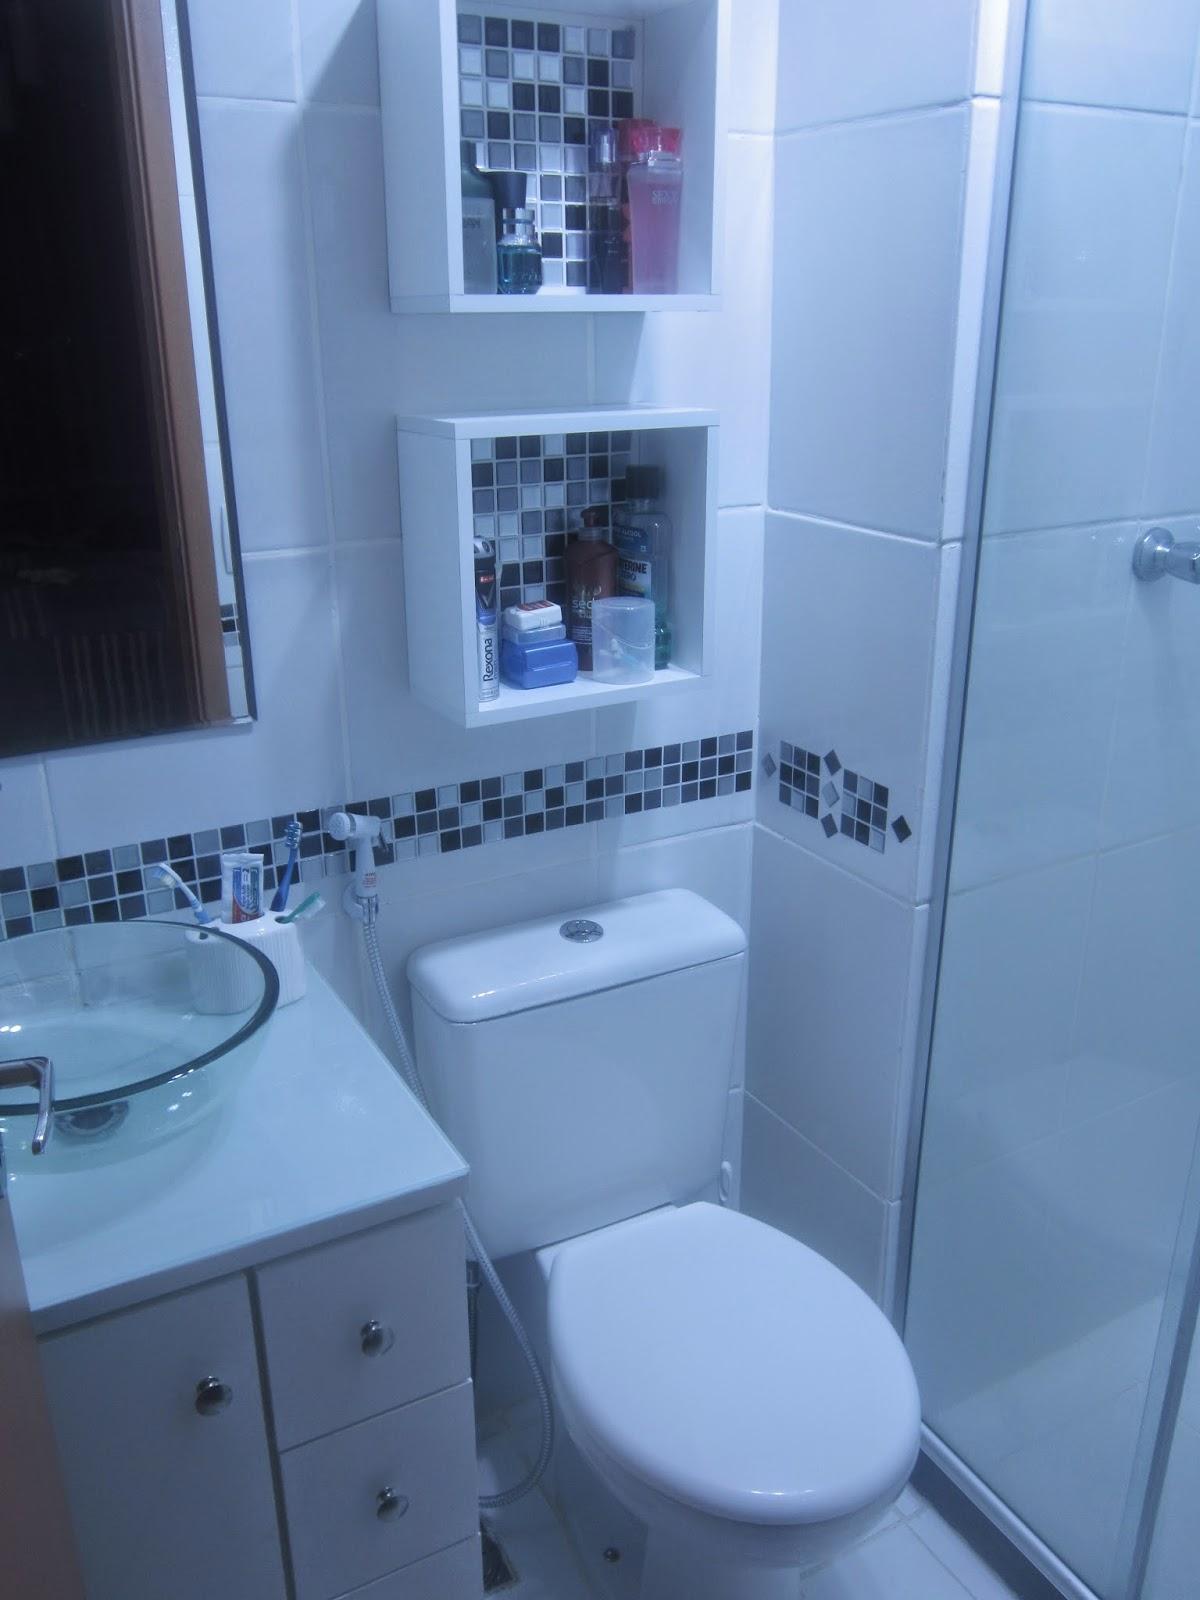 Cafofo Sonhado: Decorando banheiros pequenos: 2 banheiros 2m² cada  #1C53AF 1200x1600 Banheiro Com Luz Azul